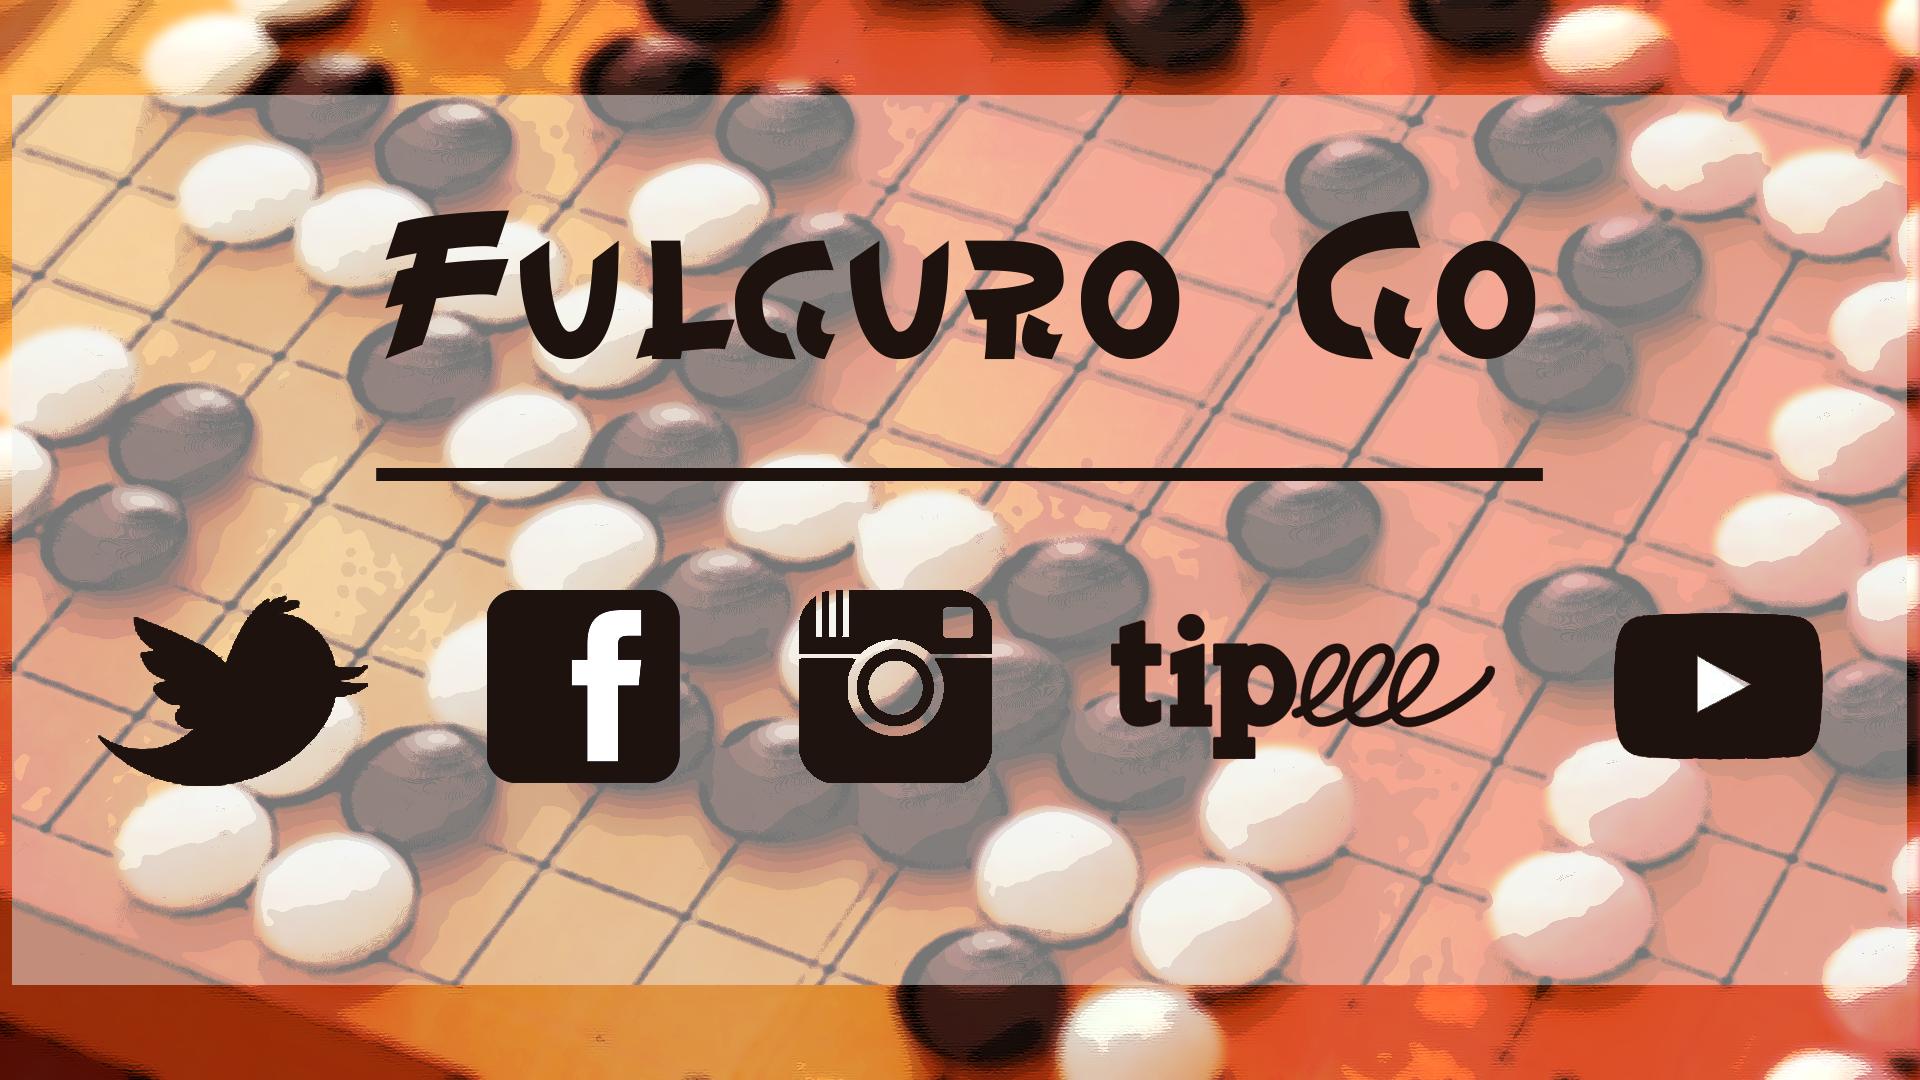 FulguroGo on Tipeee